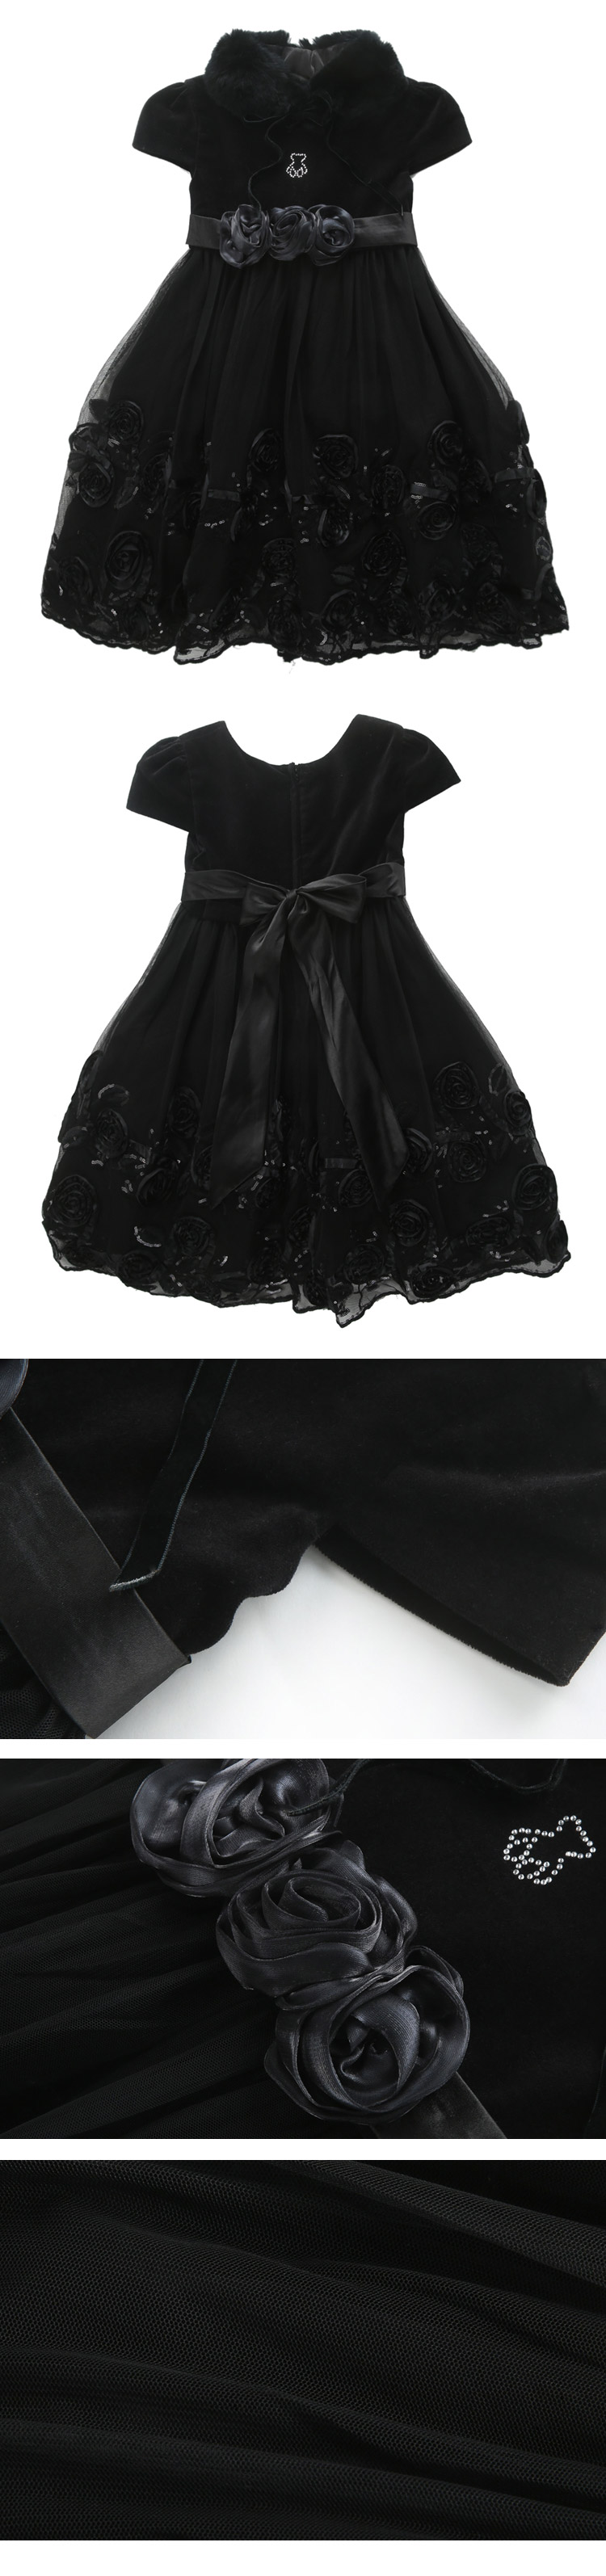 女童黑色小礼服